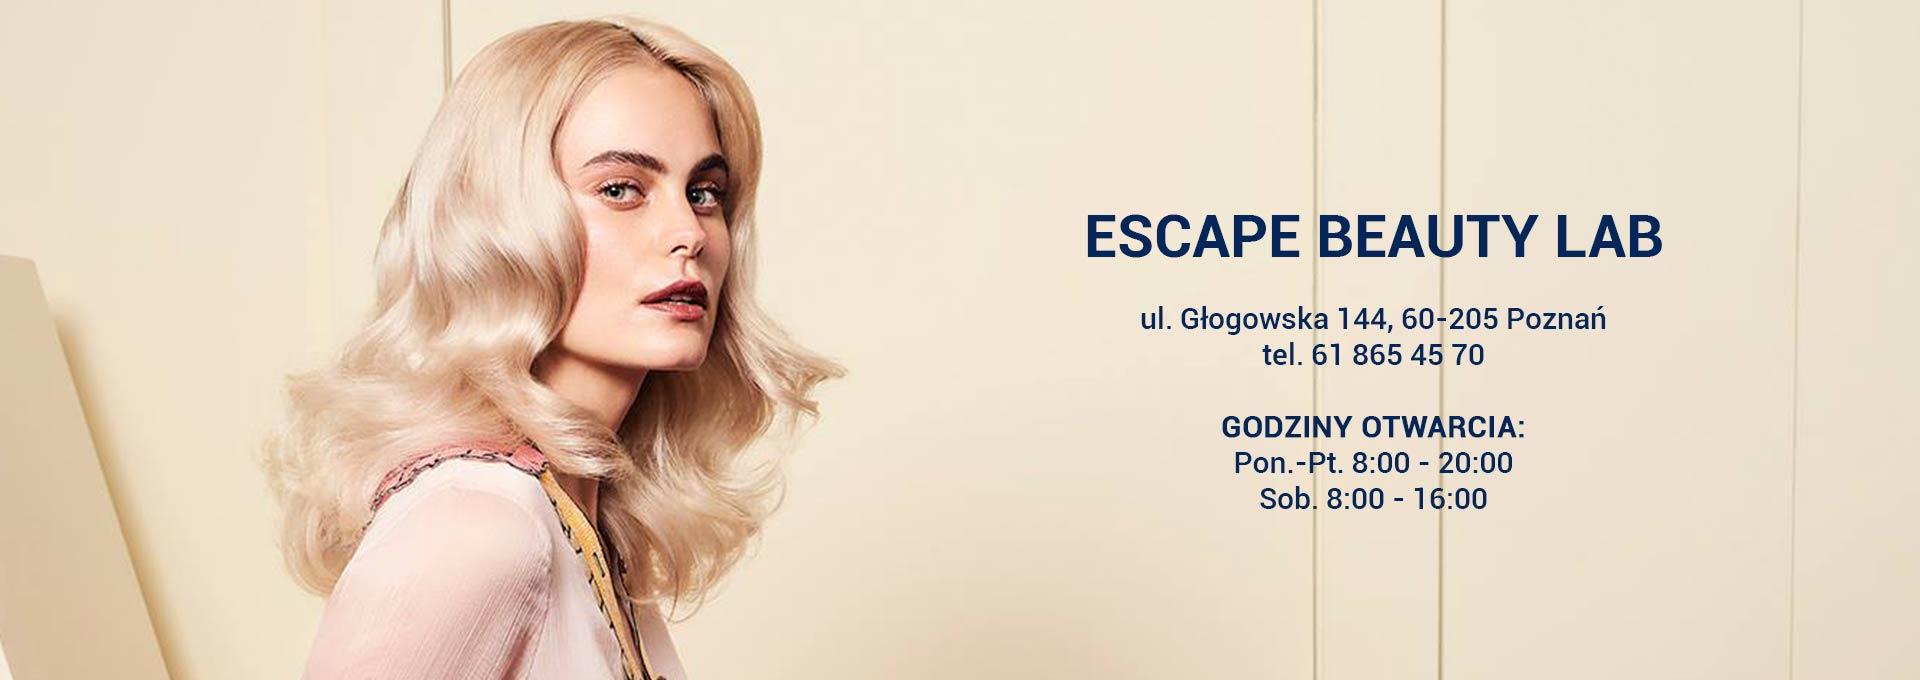 Escape Beauty Lab Fryzjer Kosmetyka Poznań